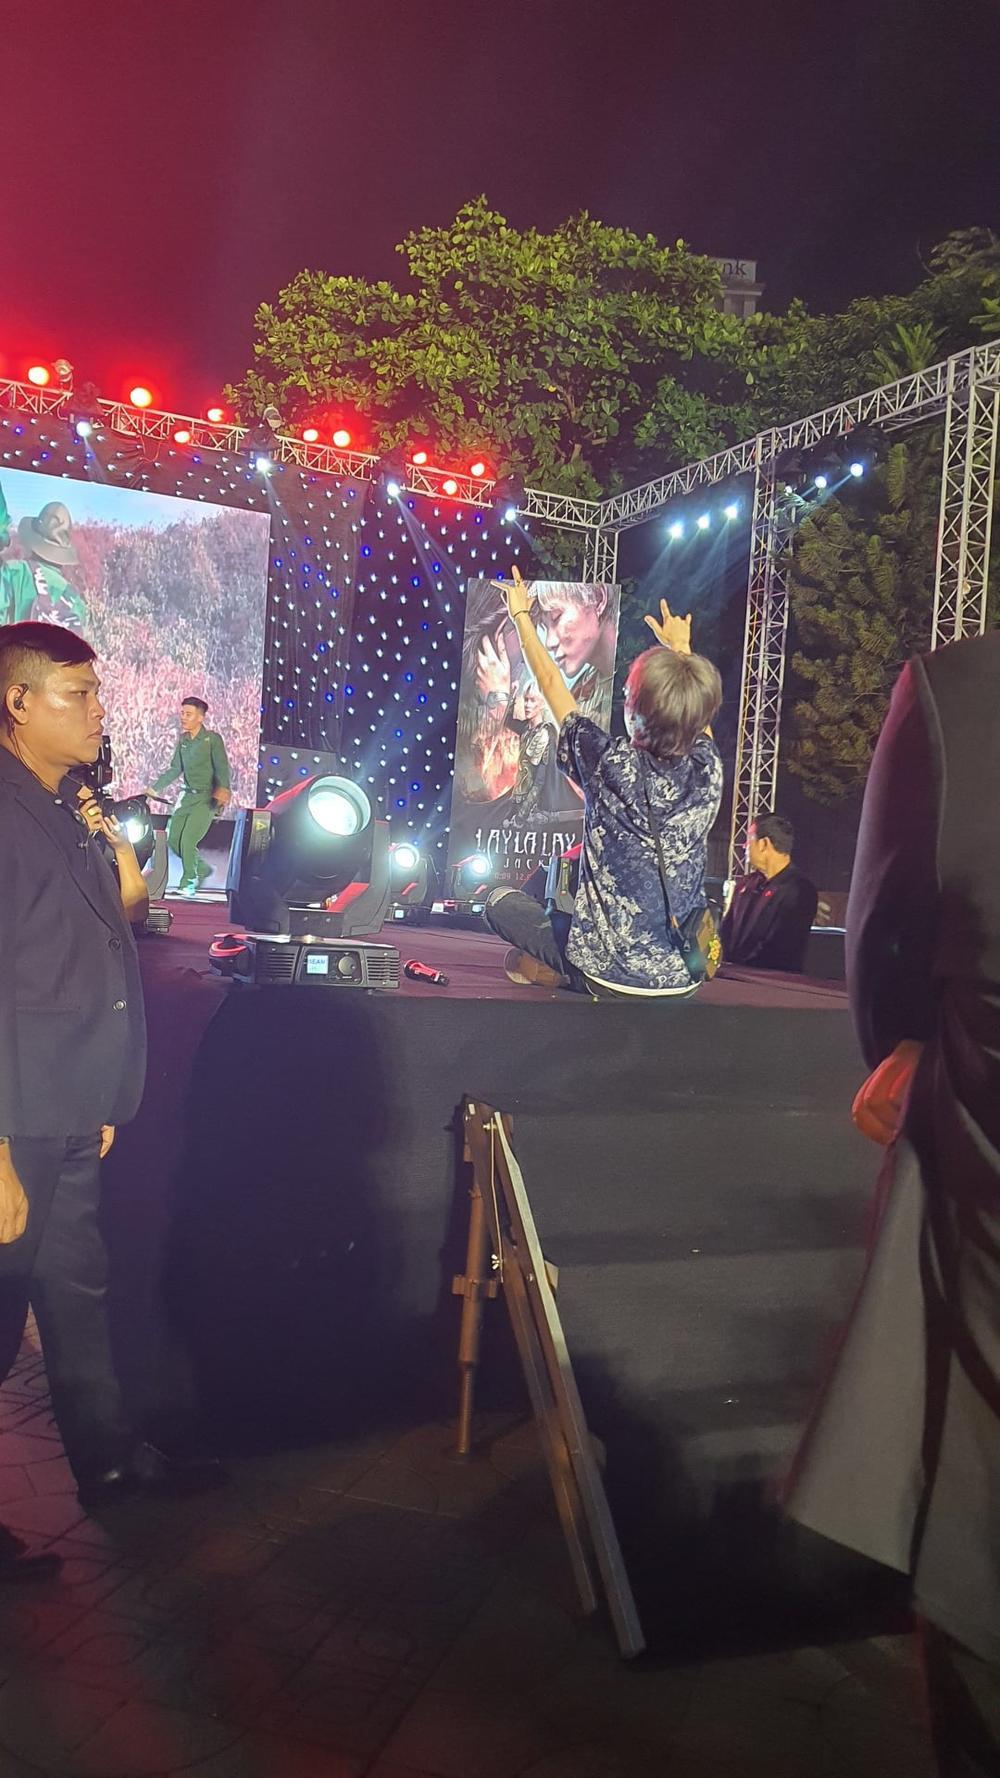 FC Đom đóm đem cả ngôi sao mang tên Jack-J97 tặng cho thần tượng: 'Anh là vị tinh tú' Ảnh 3